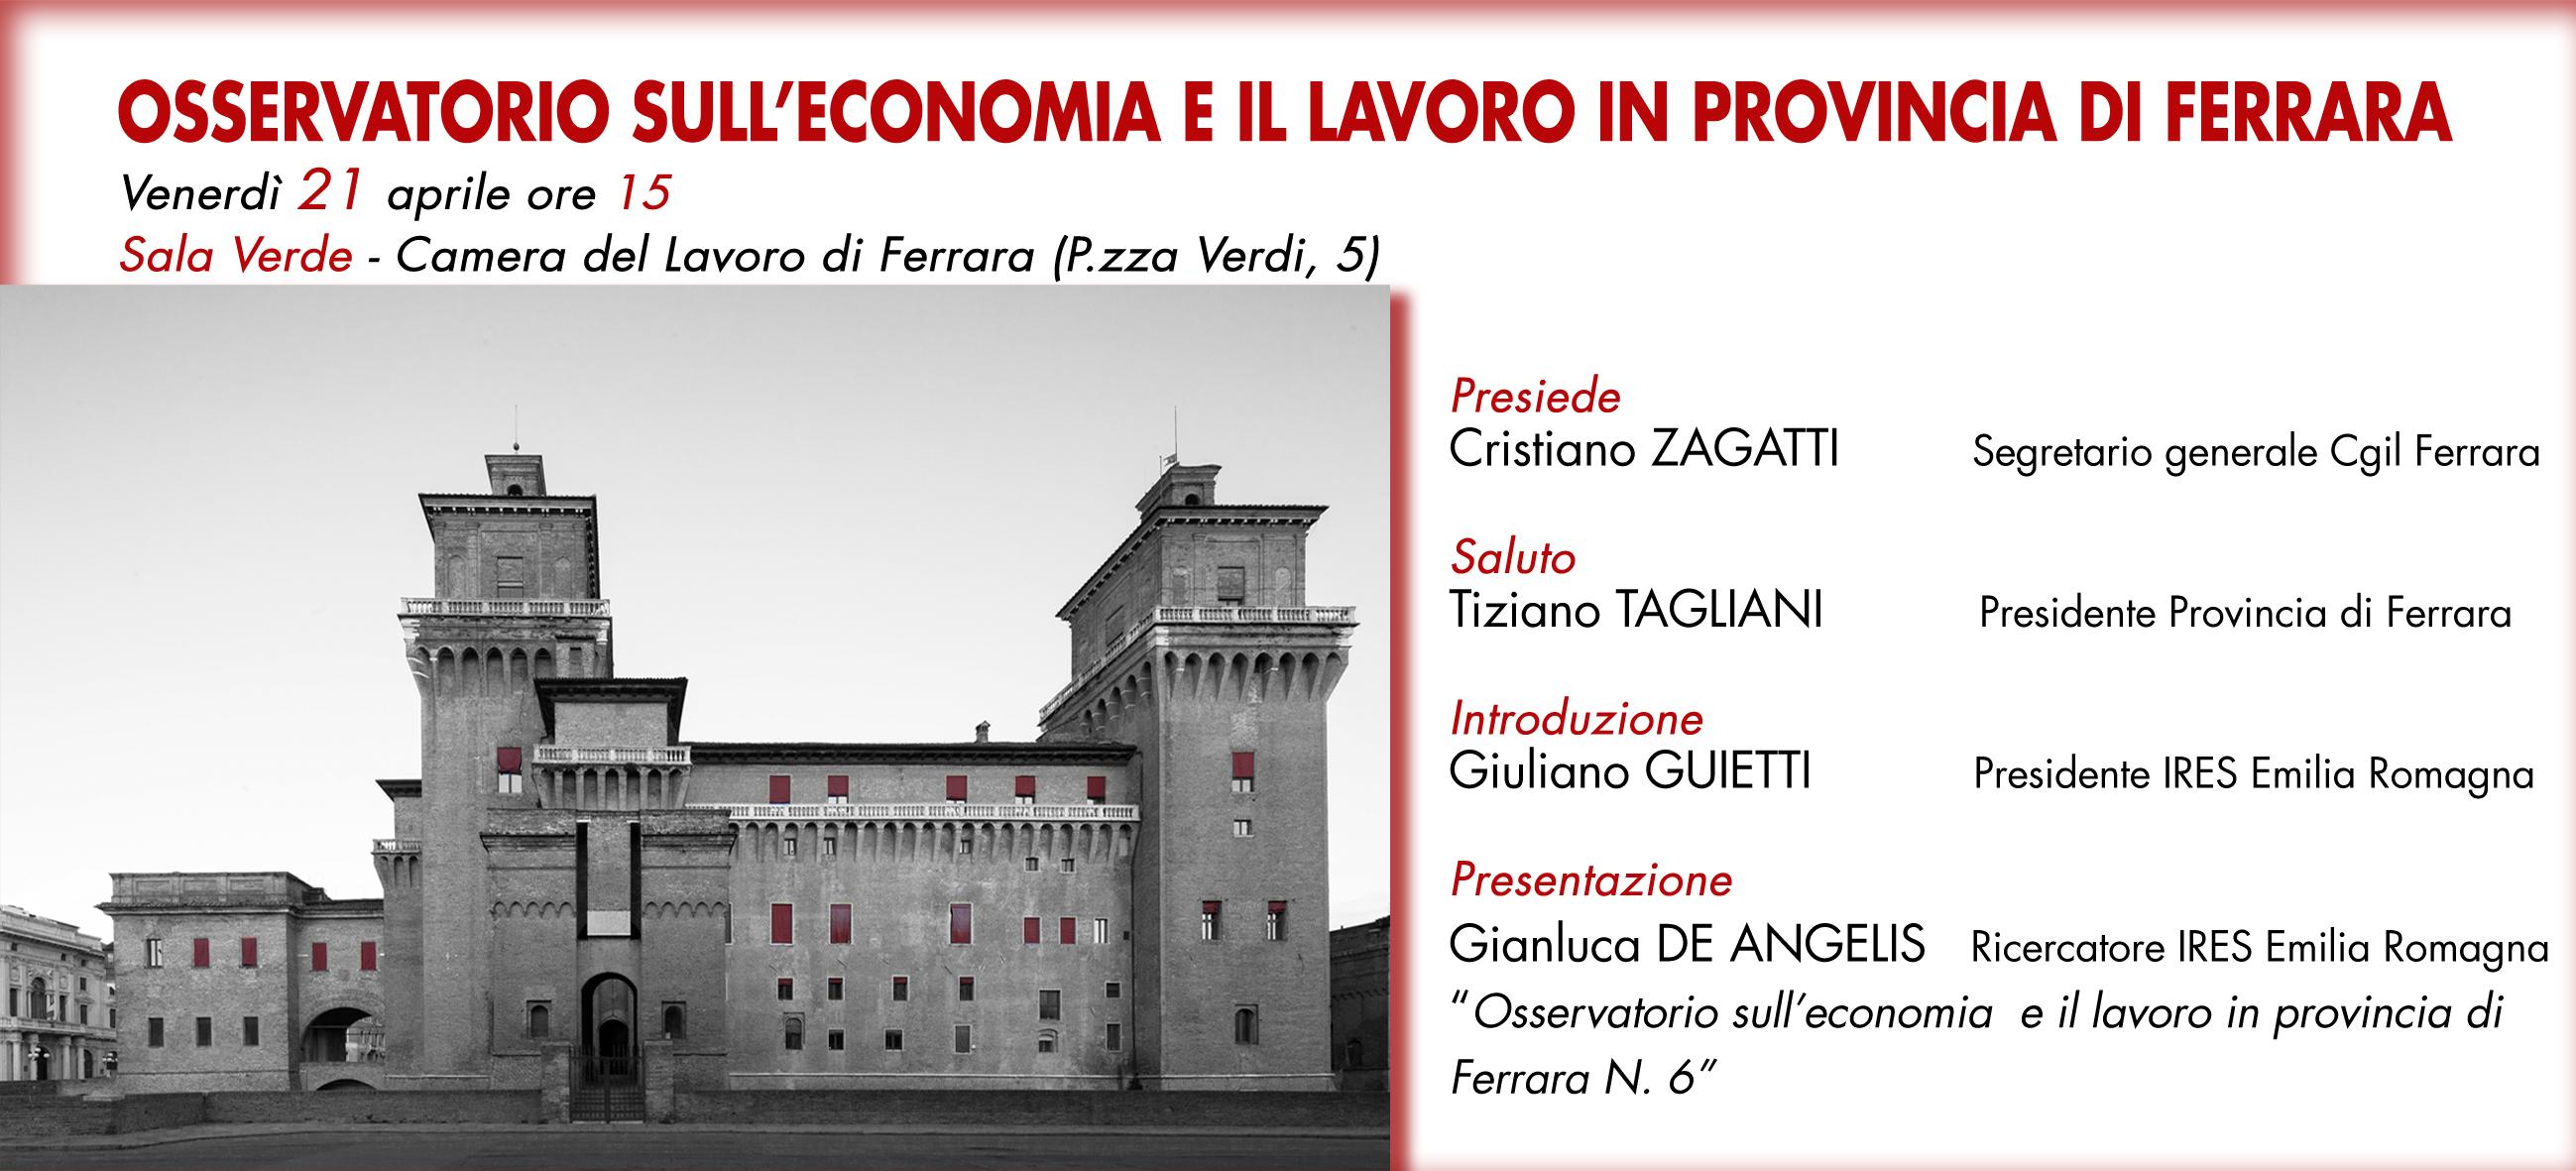 Osservatorio sull'economia e il lavoro in provincia di Ferrara N.6